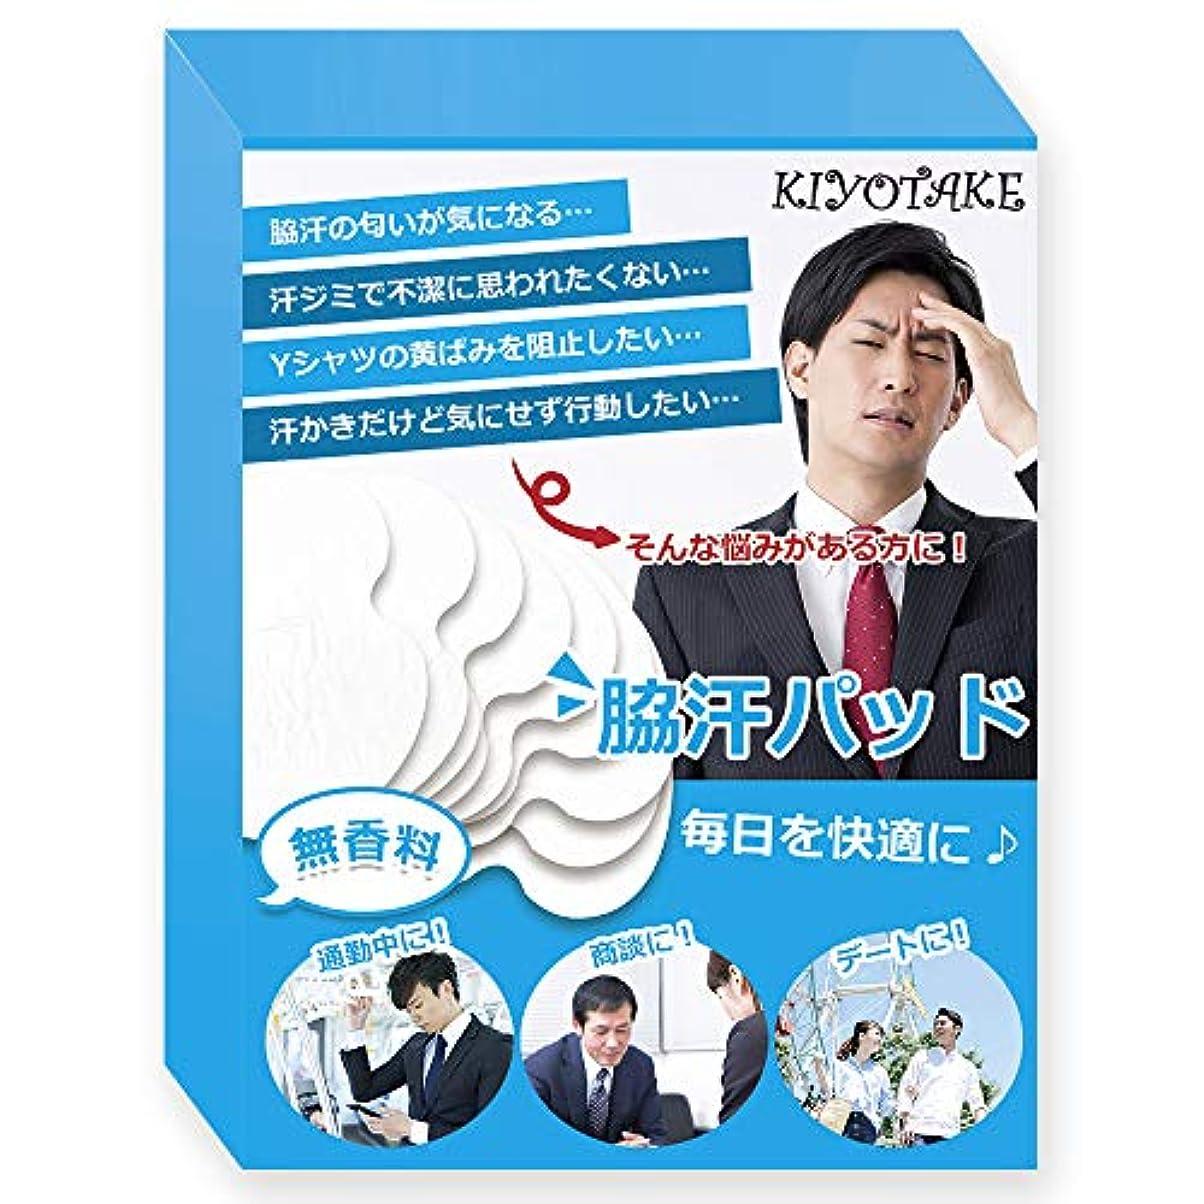 木熱狂的ななんとなく【kiyotake】 メンズ 脇汗パッド 汗取り 汗じみ 防止 防臭 男性用 40枚入り